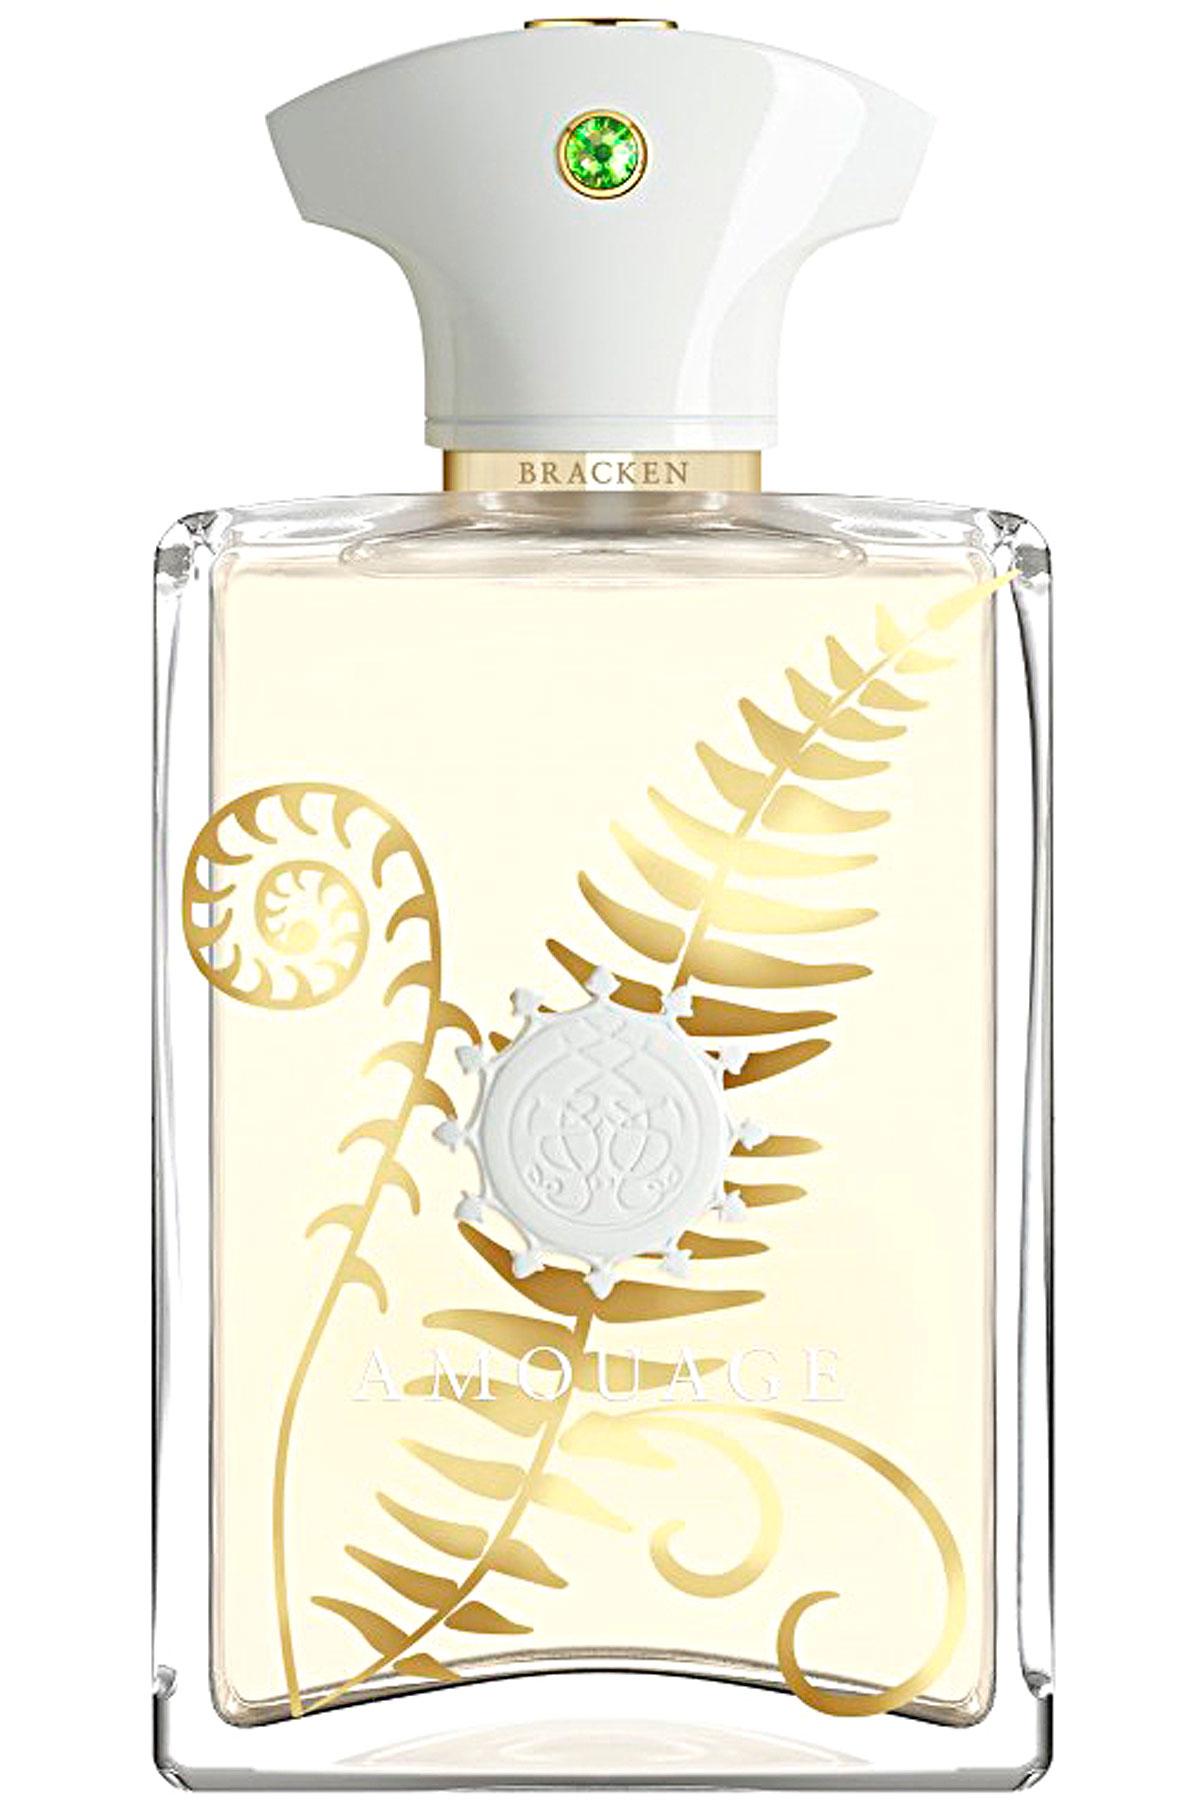 Amouage Fragrances for Men, Bracken For Man - Eau De Parfum - 100 Ml, 2019, 100 ml